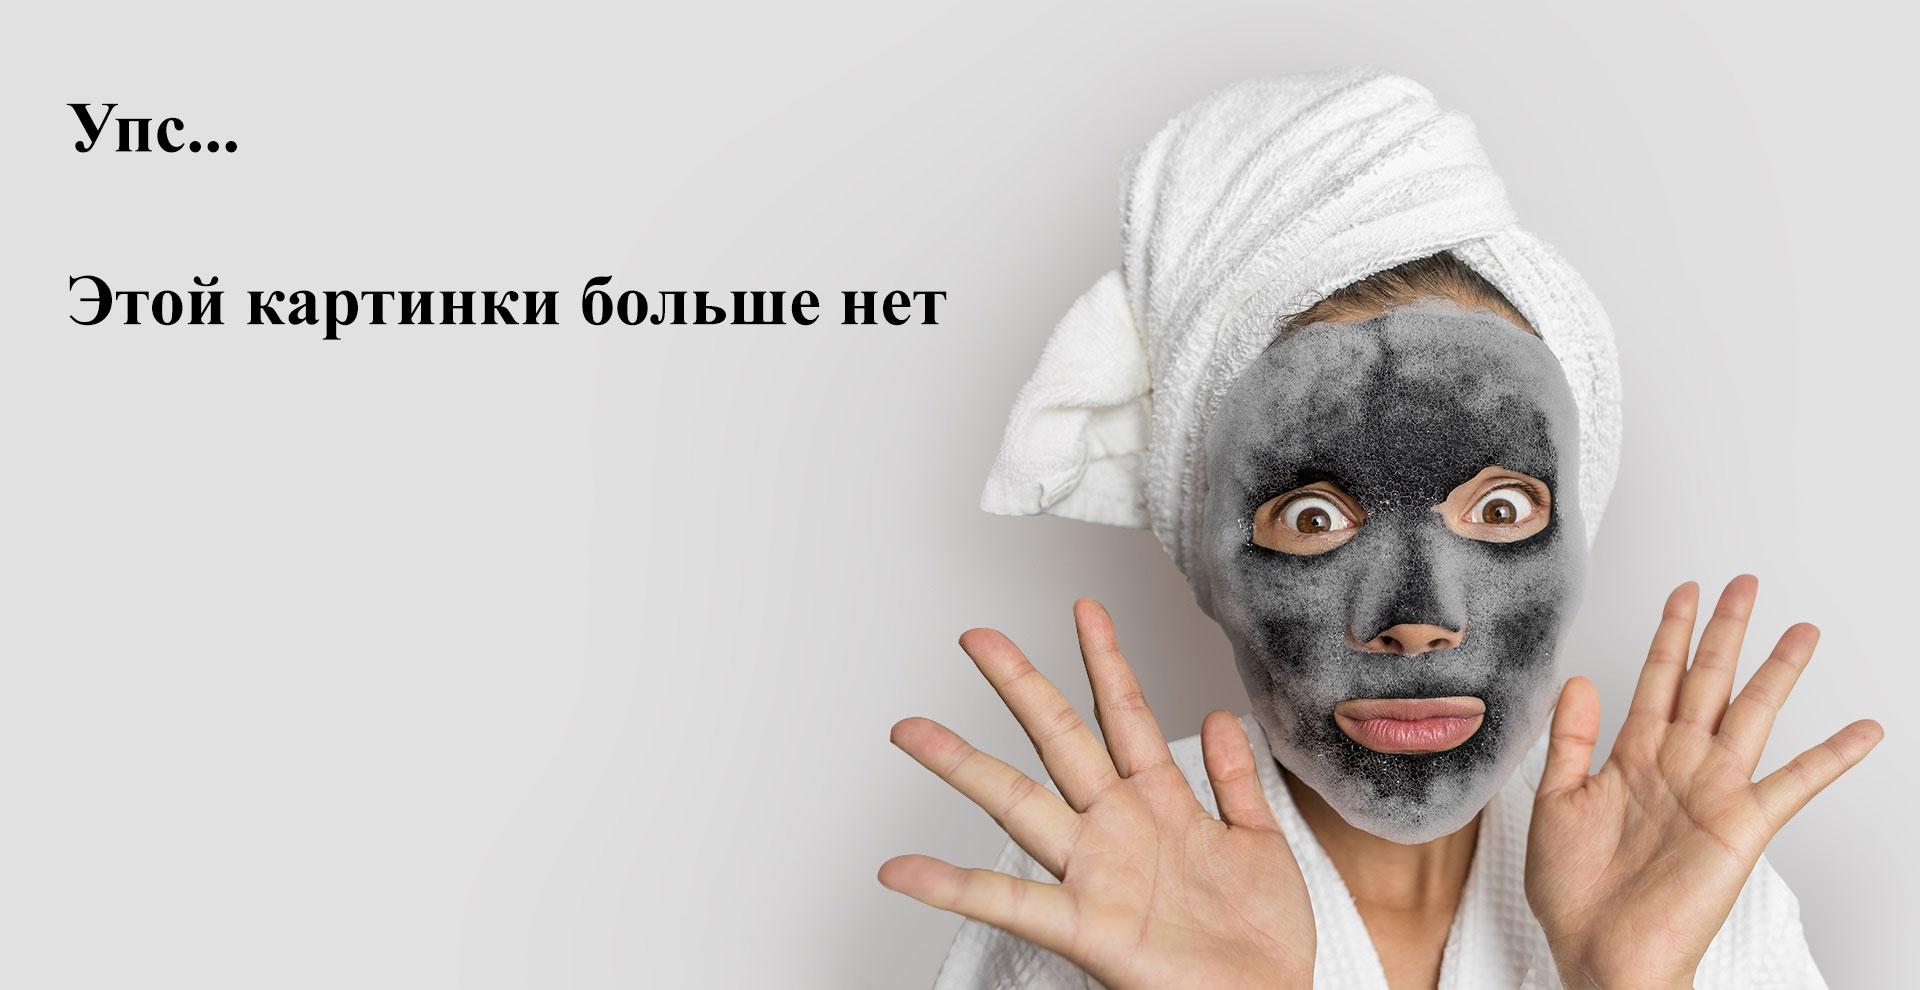 Луи Филипп, Гель-лак Limited №06